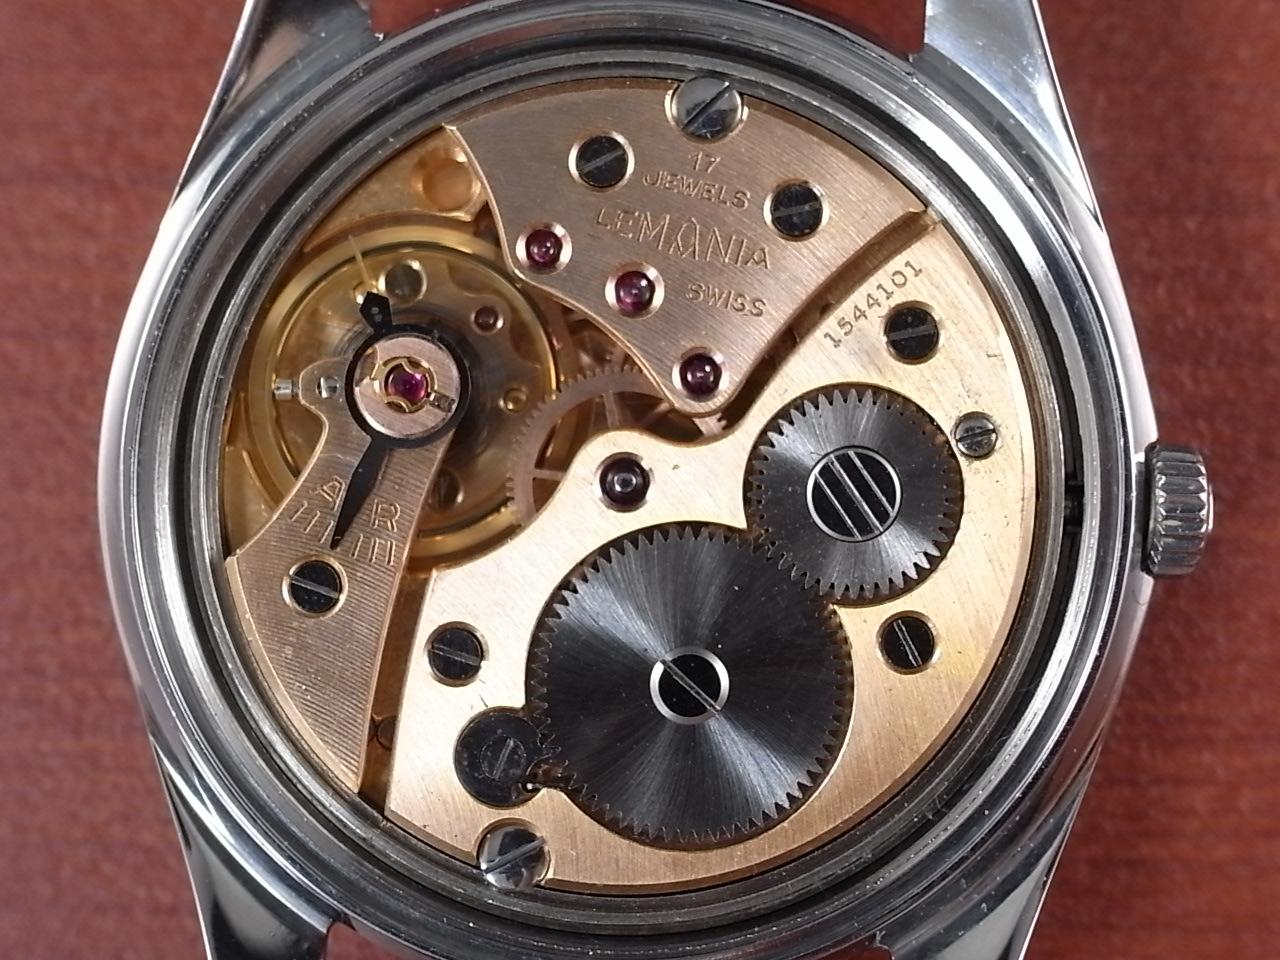 レマニア スモールセコンド ホワイトダイアル Cal.3000 1960年代の写真5枚目